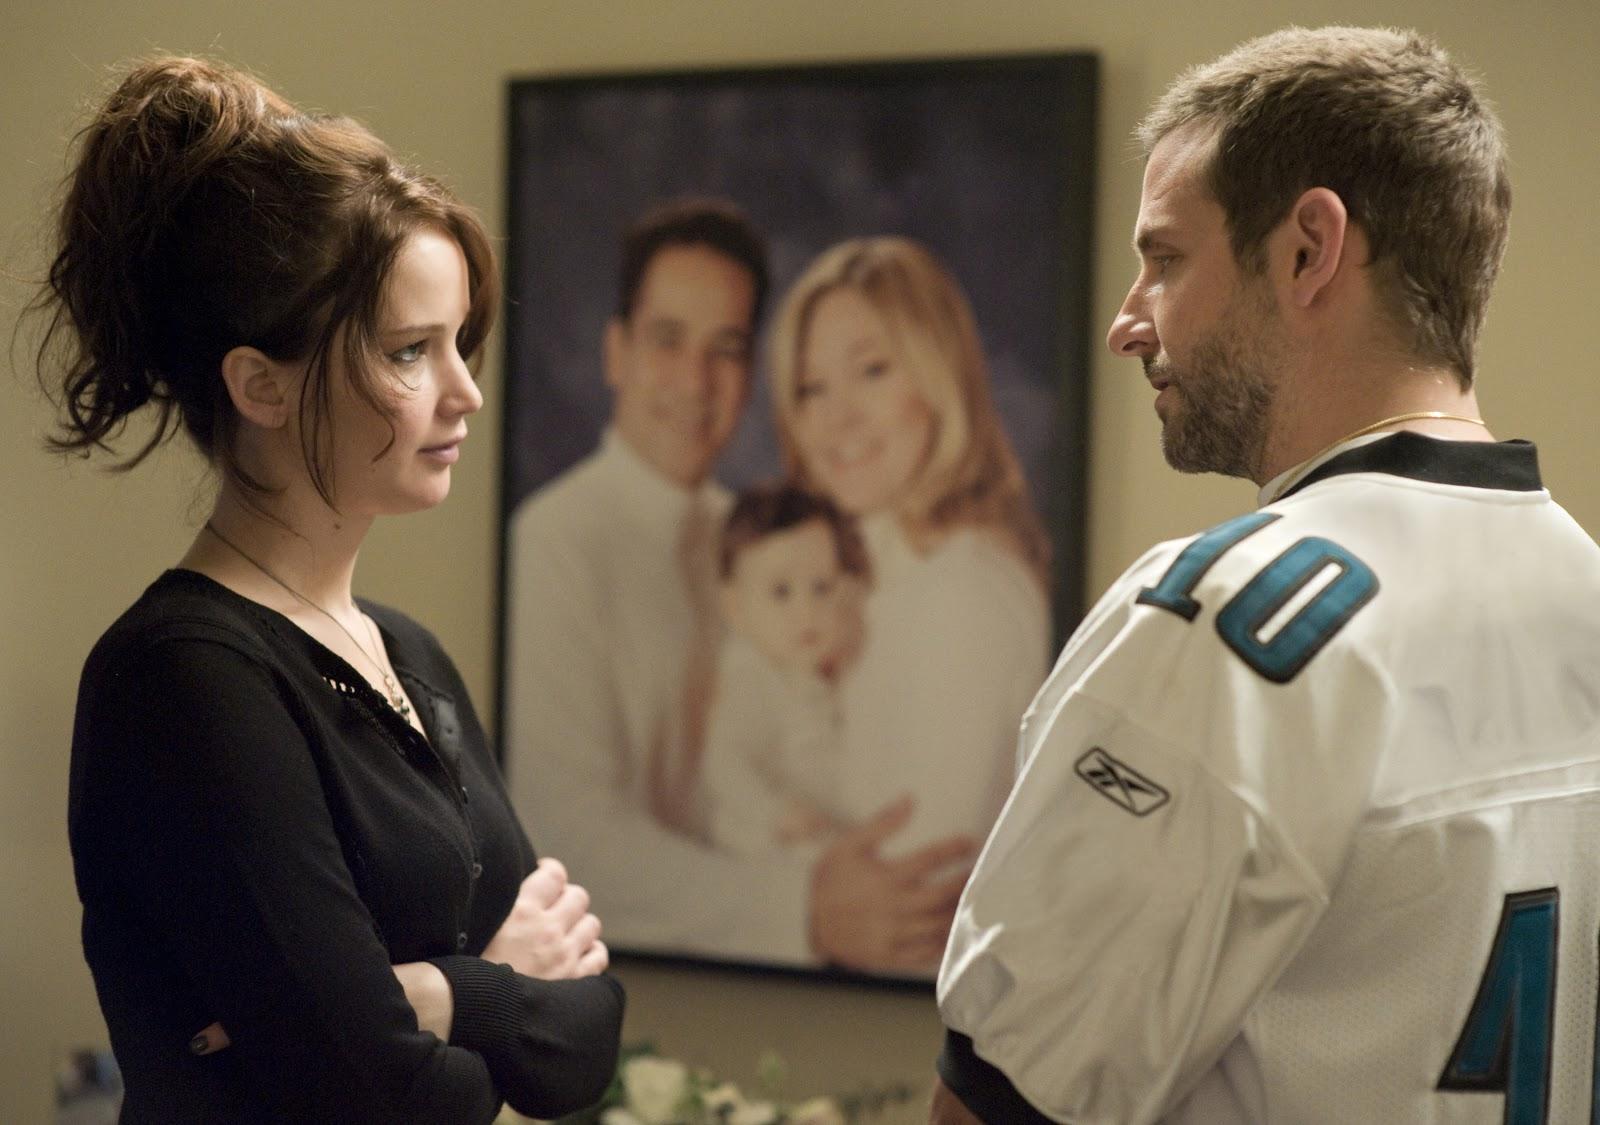 http://1.bp.blogspot.com/-GjFtcl70Dqs/UNjPGWn0VHI/AAAAAAAAC70/4cP8wELd6eM/s1600/Silver-Linings-Playbook-Bradley-Cooper-Jennifer-Lawrence.jpg